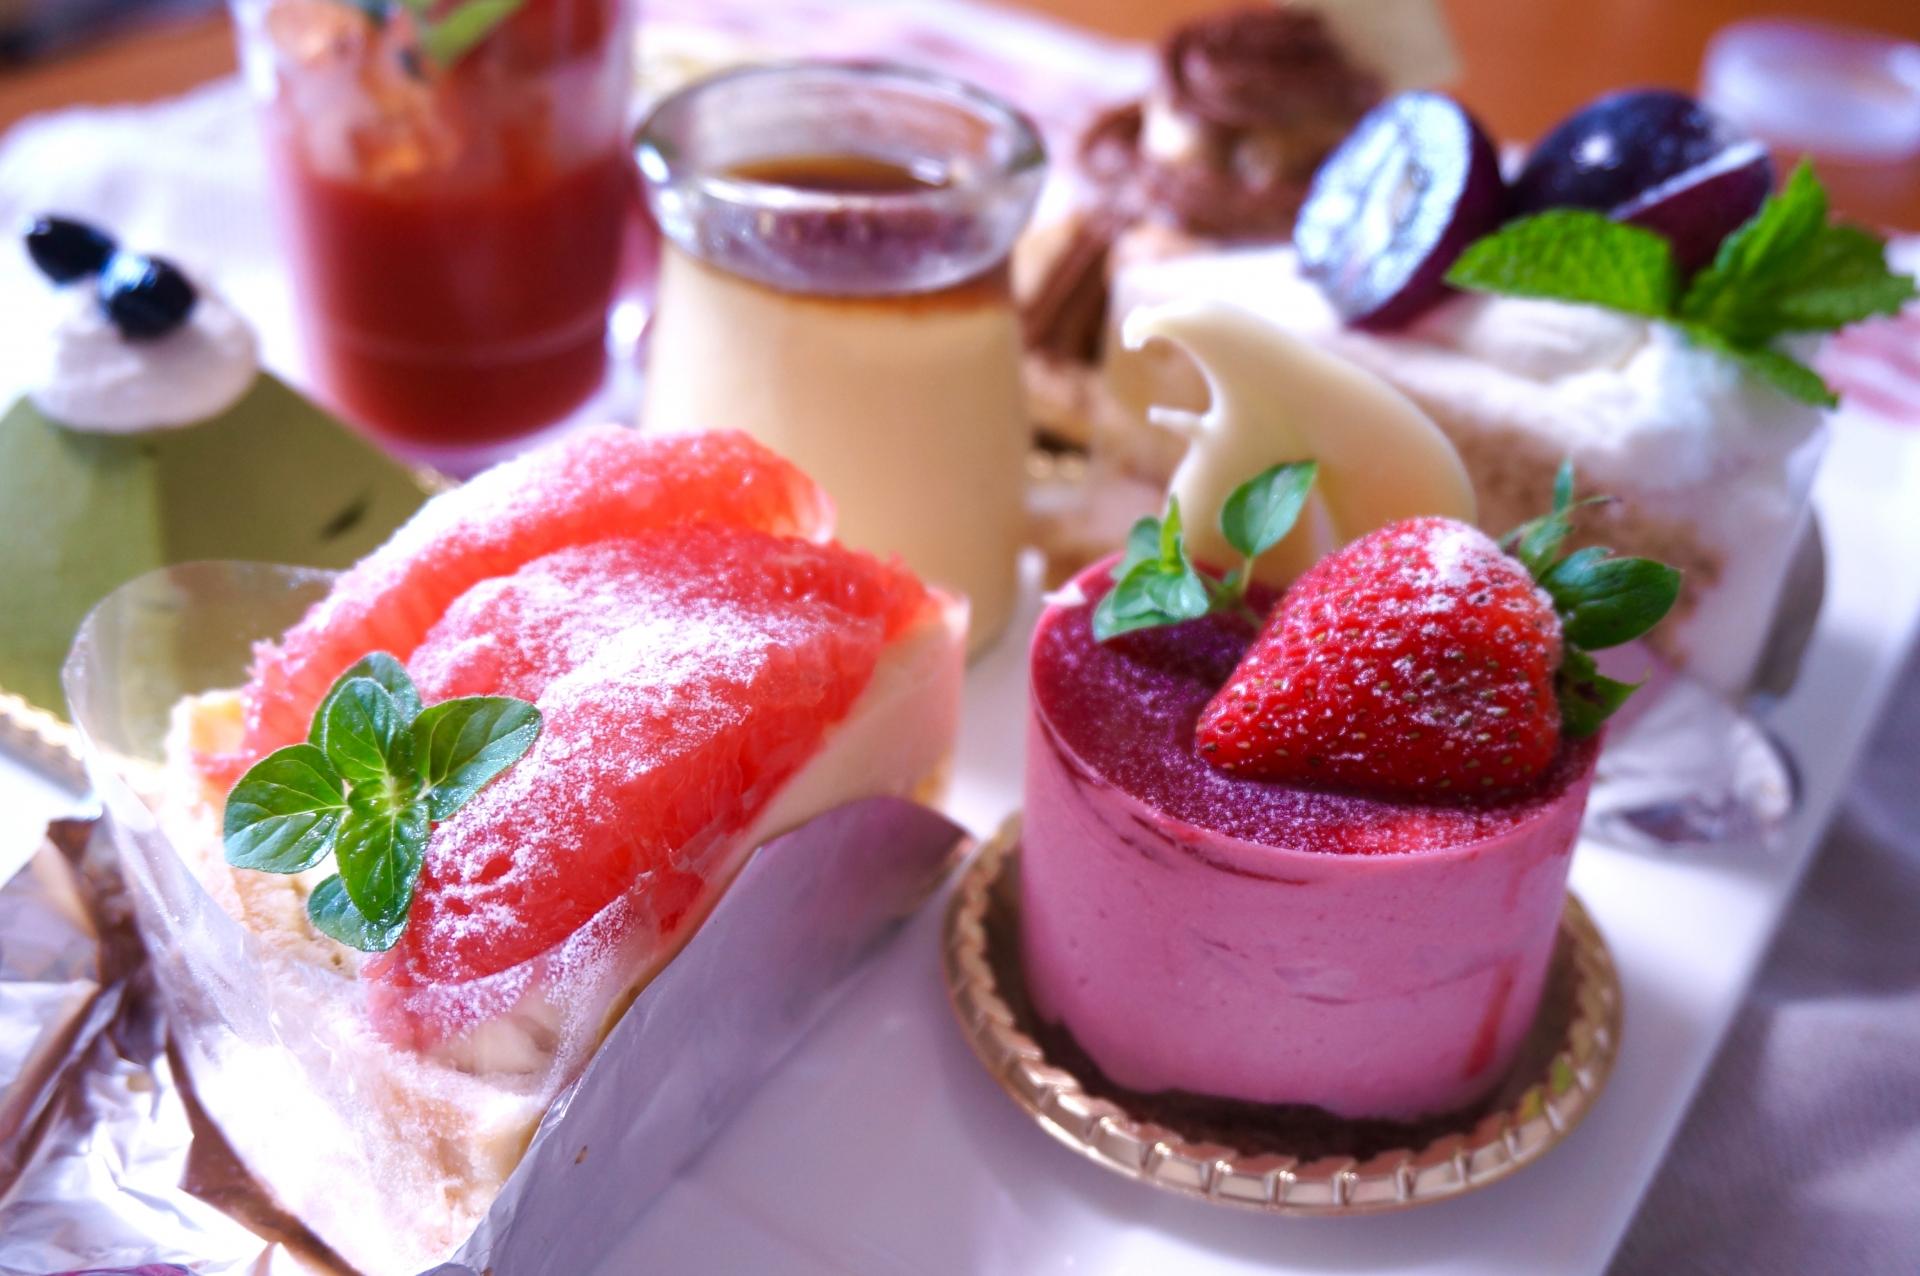 甜食可能會導致脾胃功能欠佳,更容易出現「春困」。